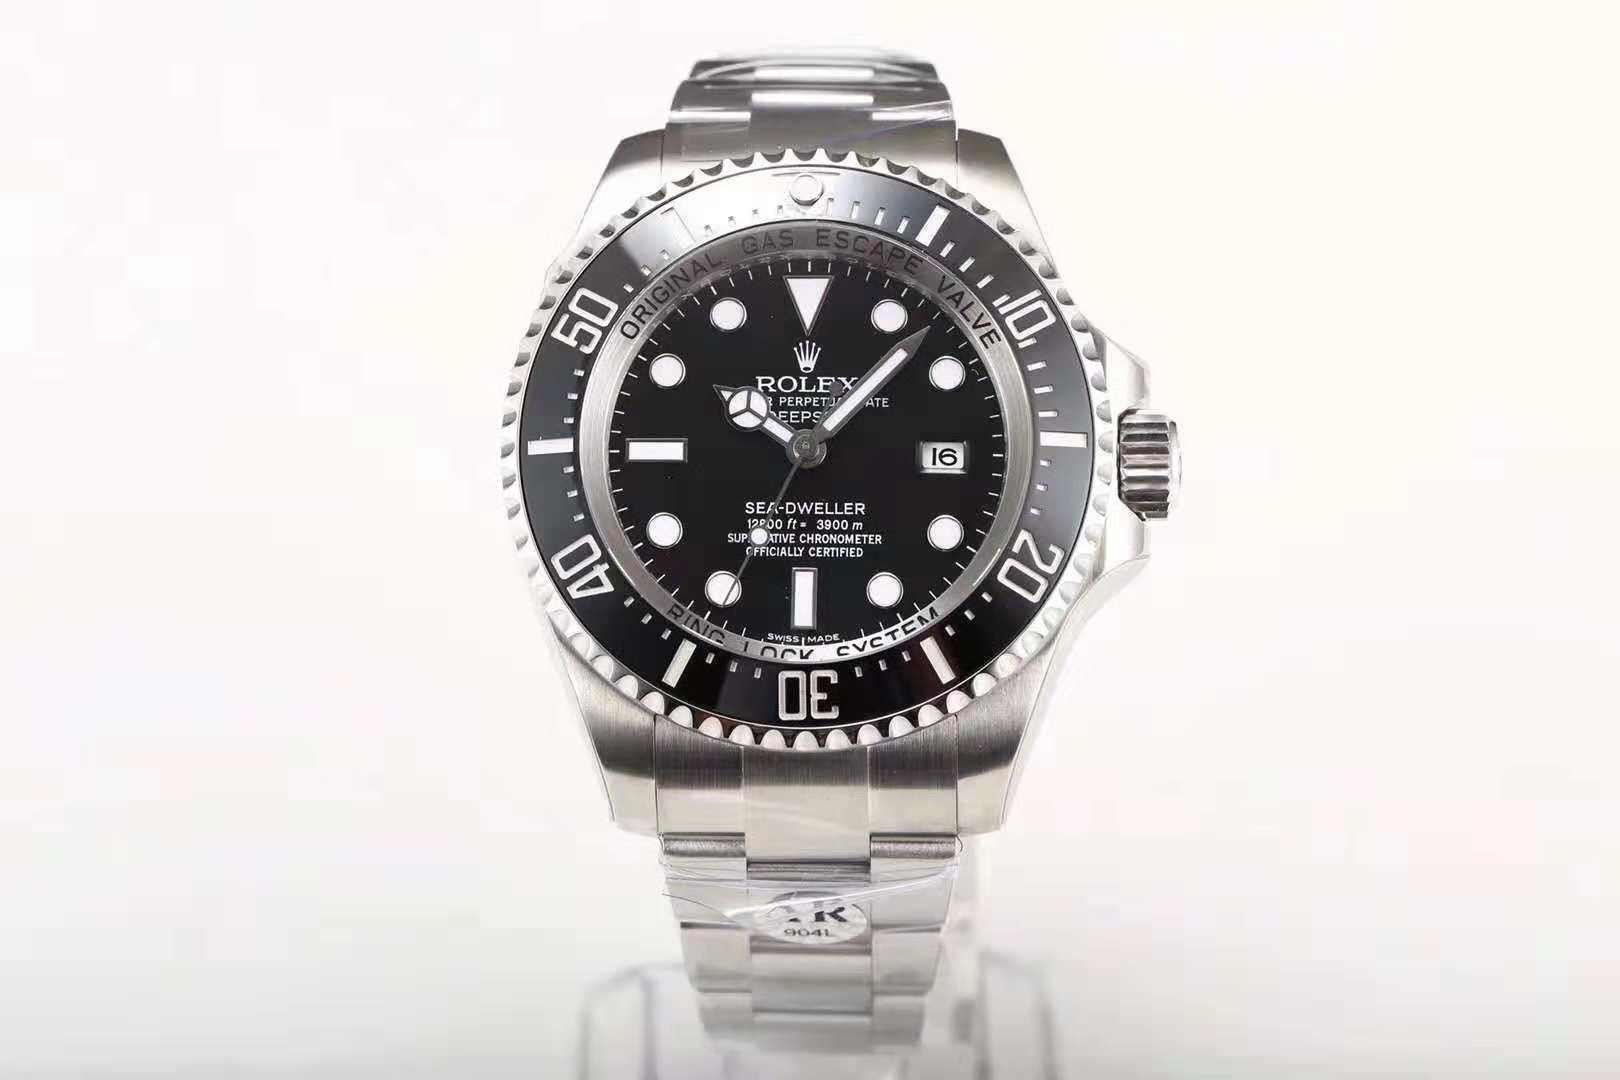 AR厂劳力士潜航者系列黑鬼王男士机械手表 顶级复刻表 最新版本 904l